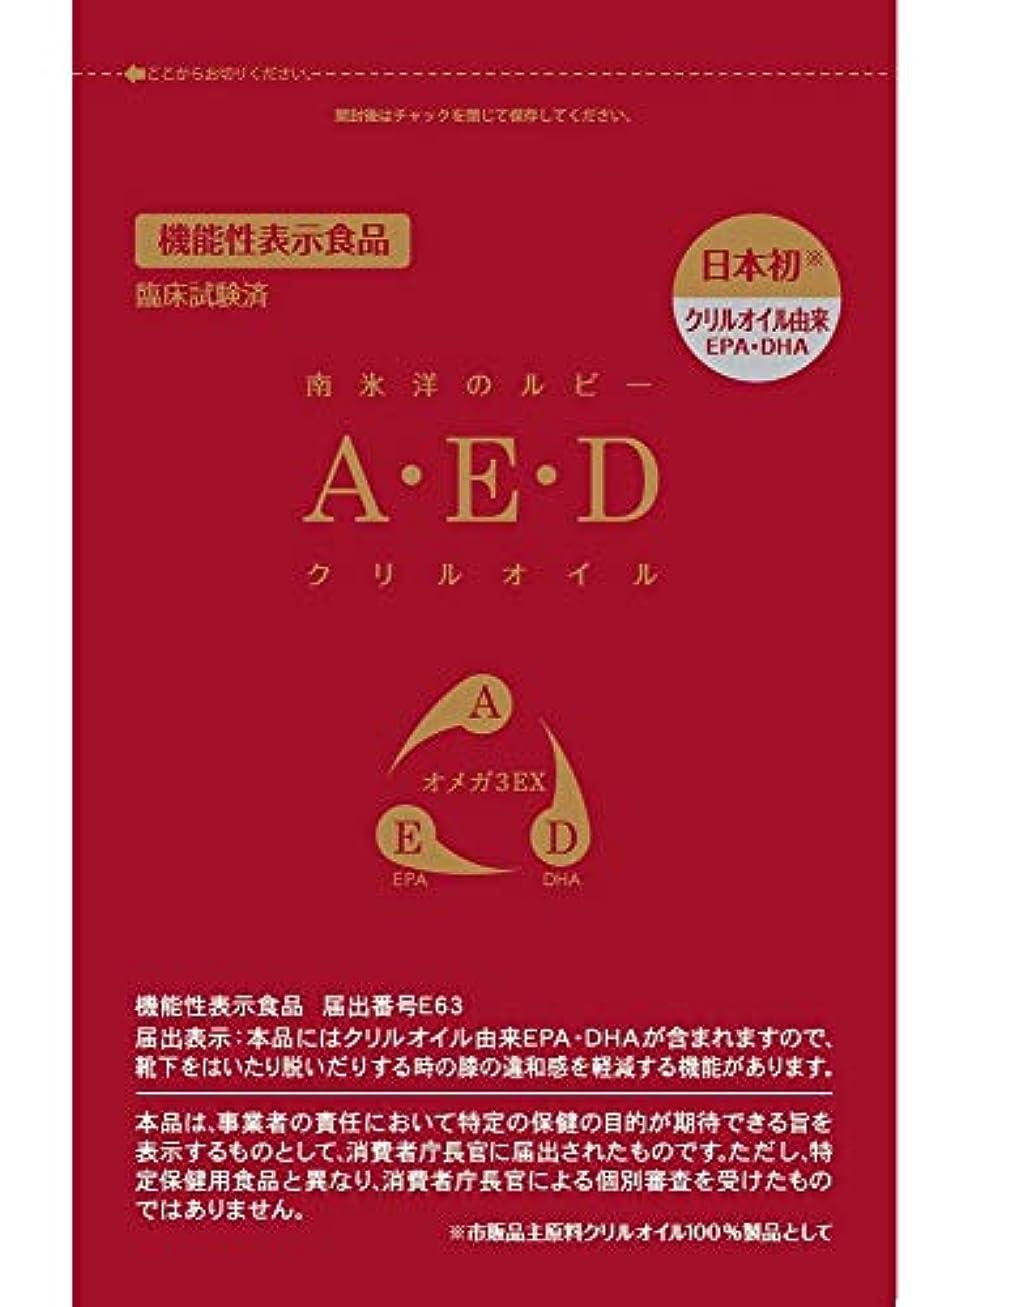 バイバイ作者ハードウェア【出版記念特別価格】A?E?Dクリルオイル機能性表示食品【臨床試験済?日本製】